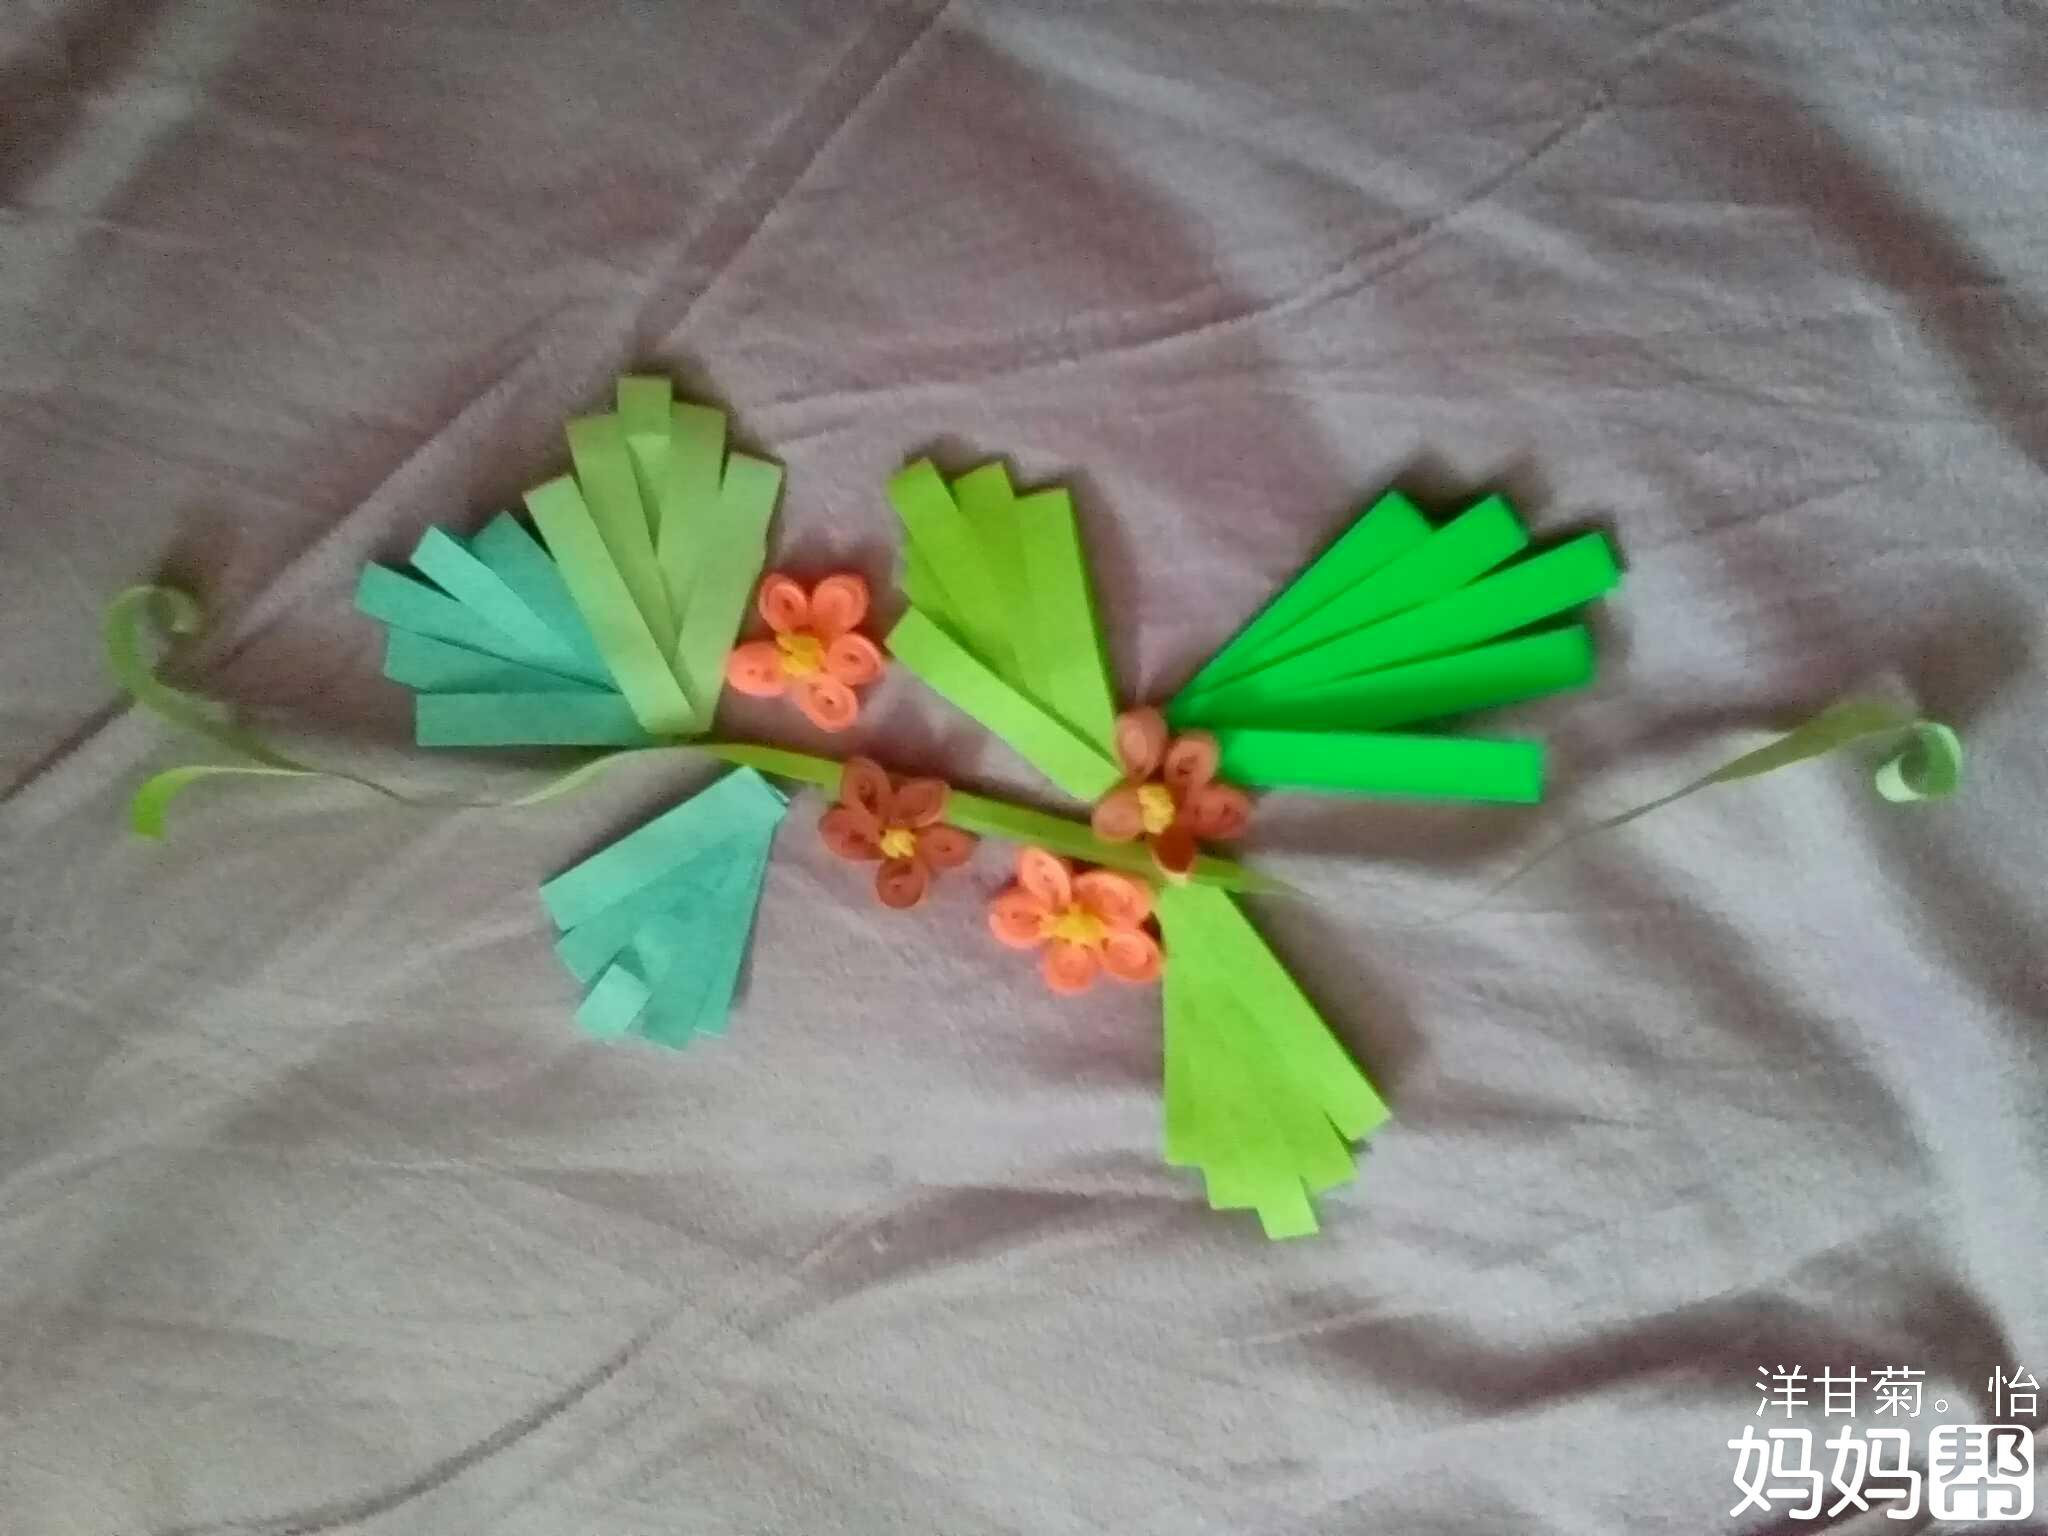 准备工具材料,彩色长条星纸,胶水,皱纹纸,剪刀等  1将绿色长条纸打